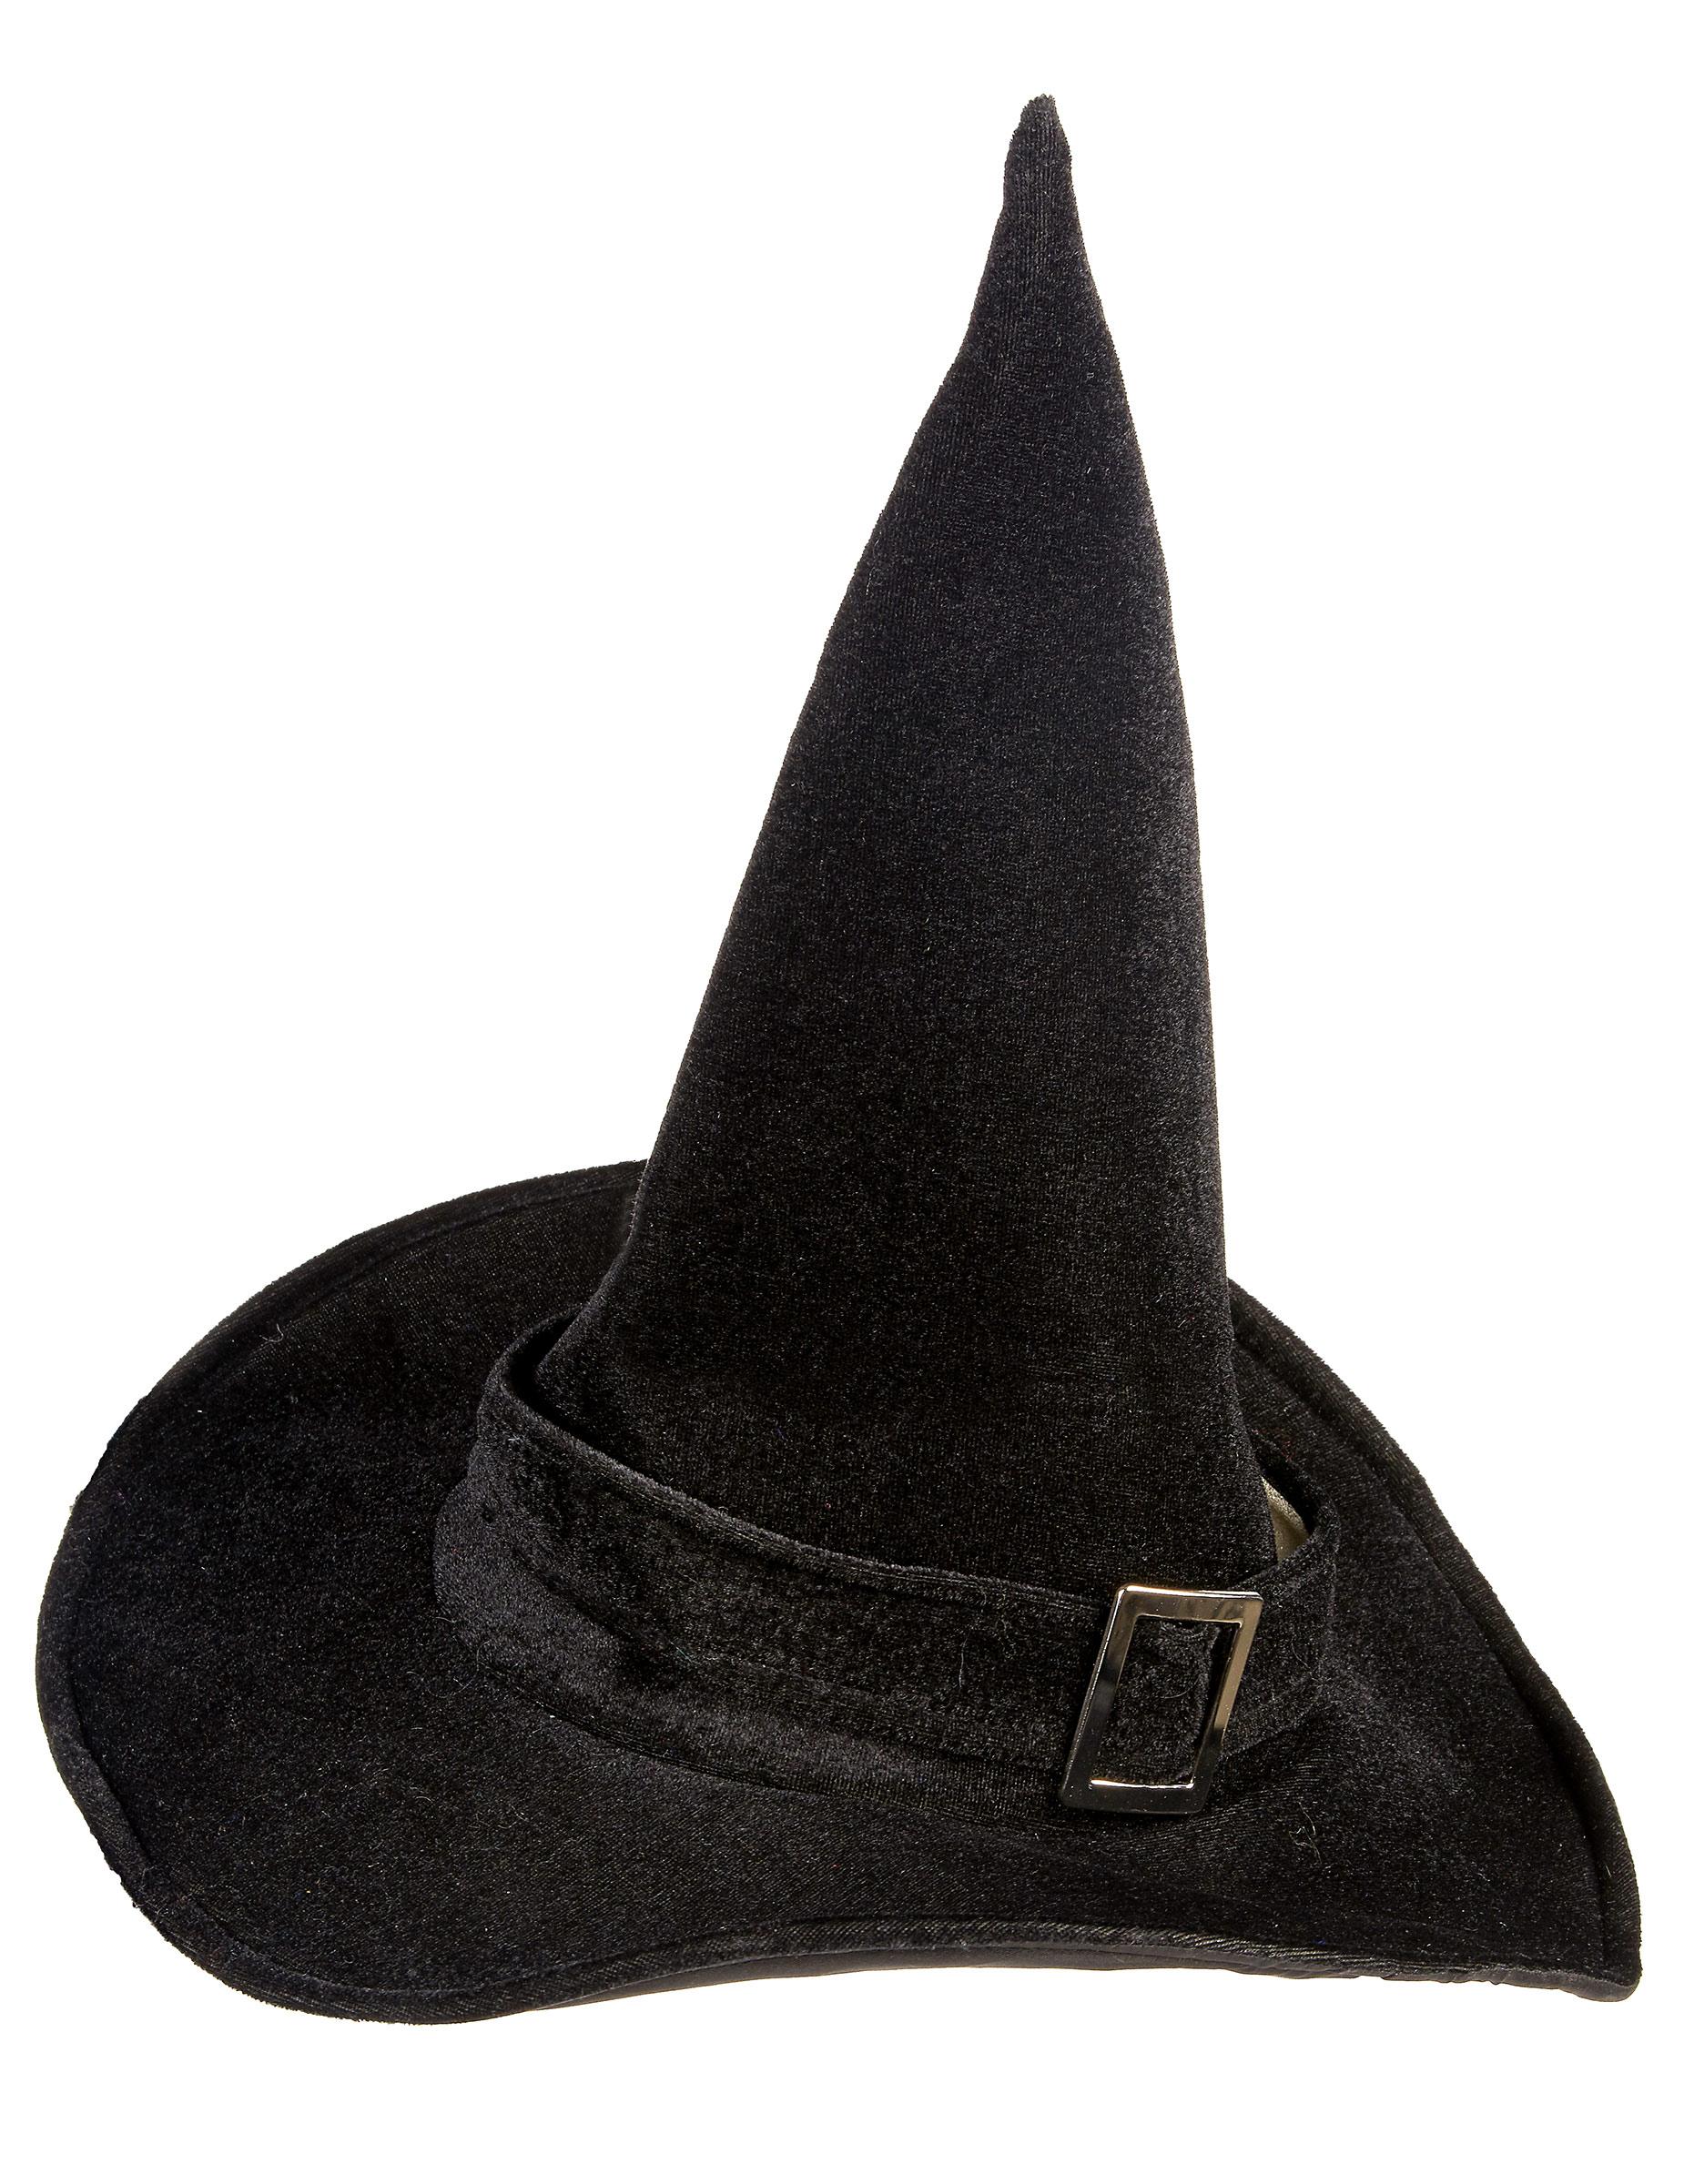 Cappello da strega in velluto donna Halloween  Cappelli 20a6698c41bf